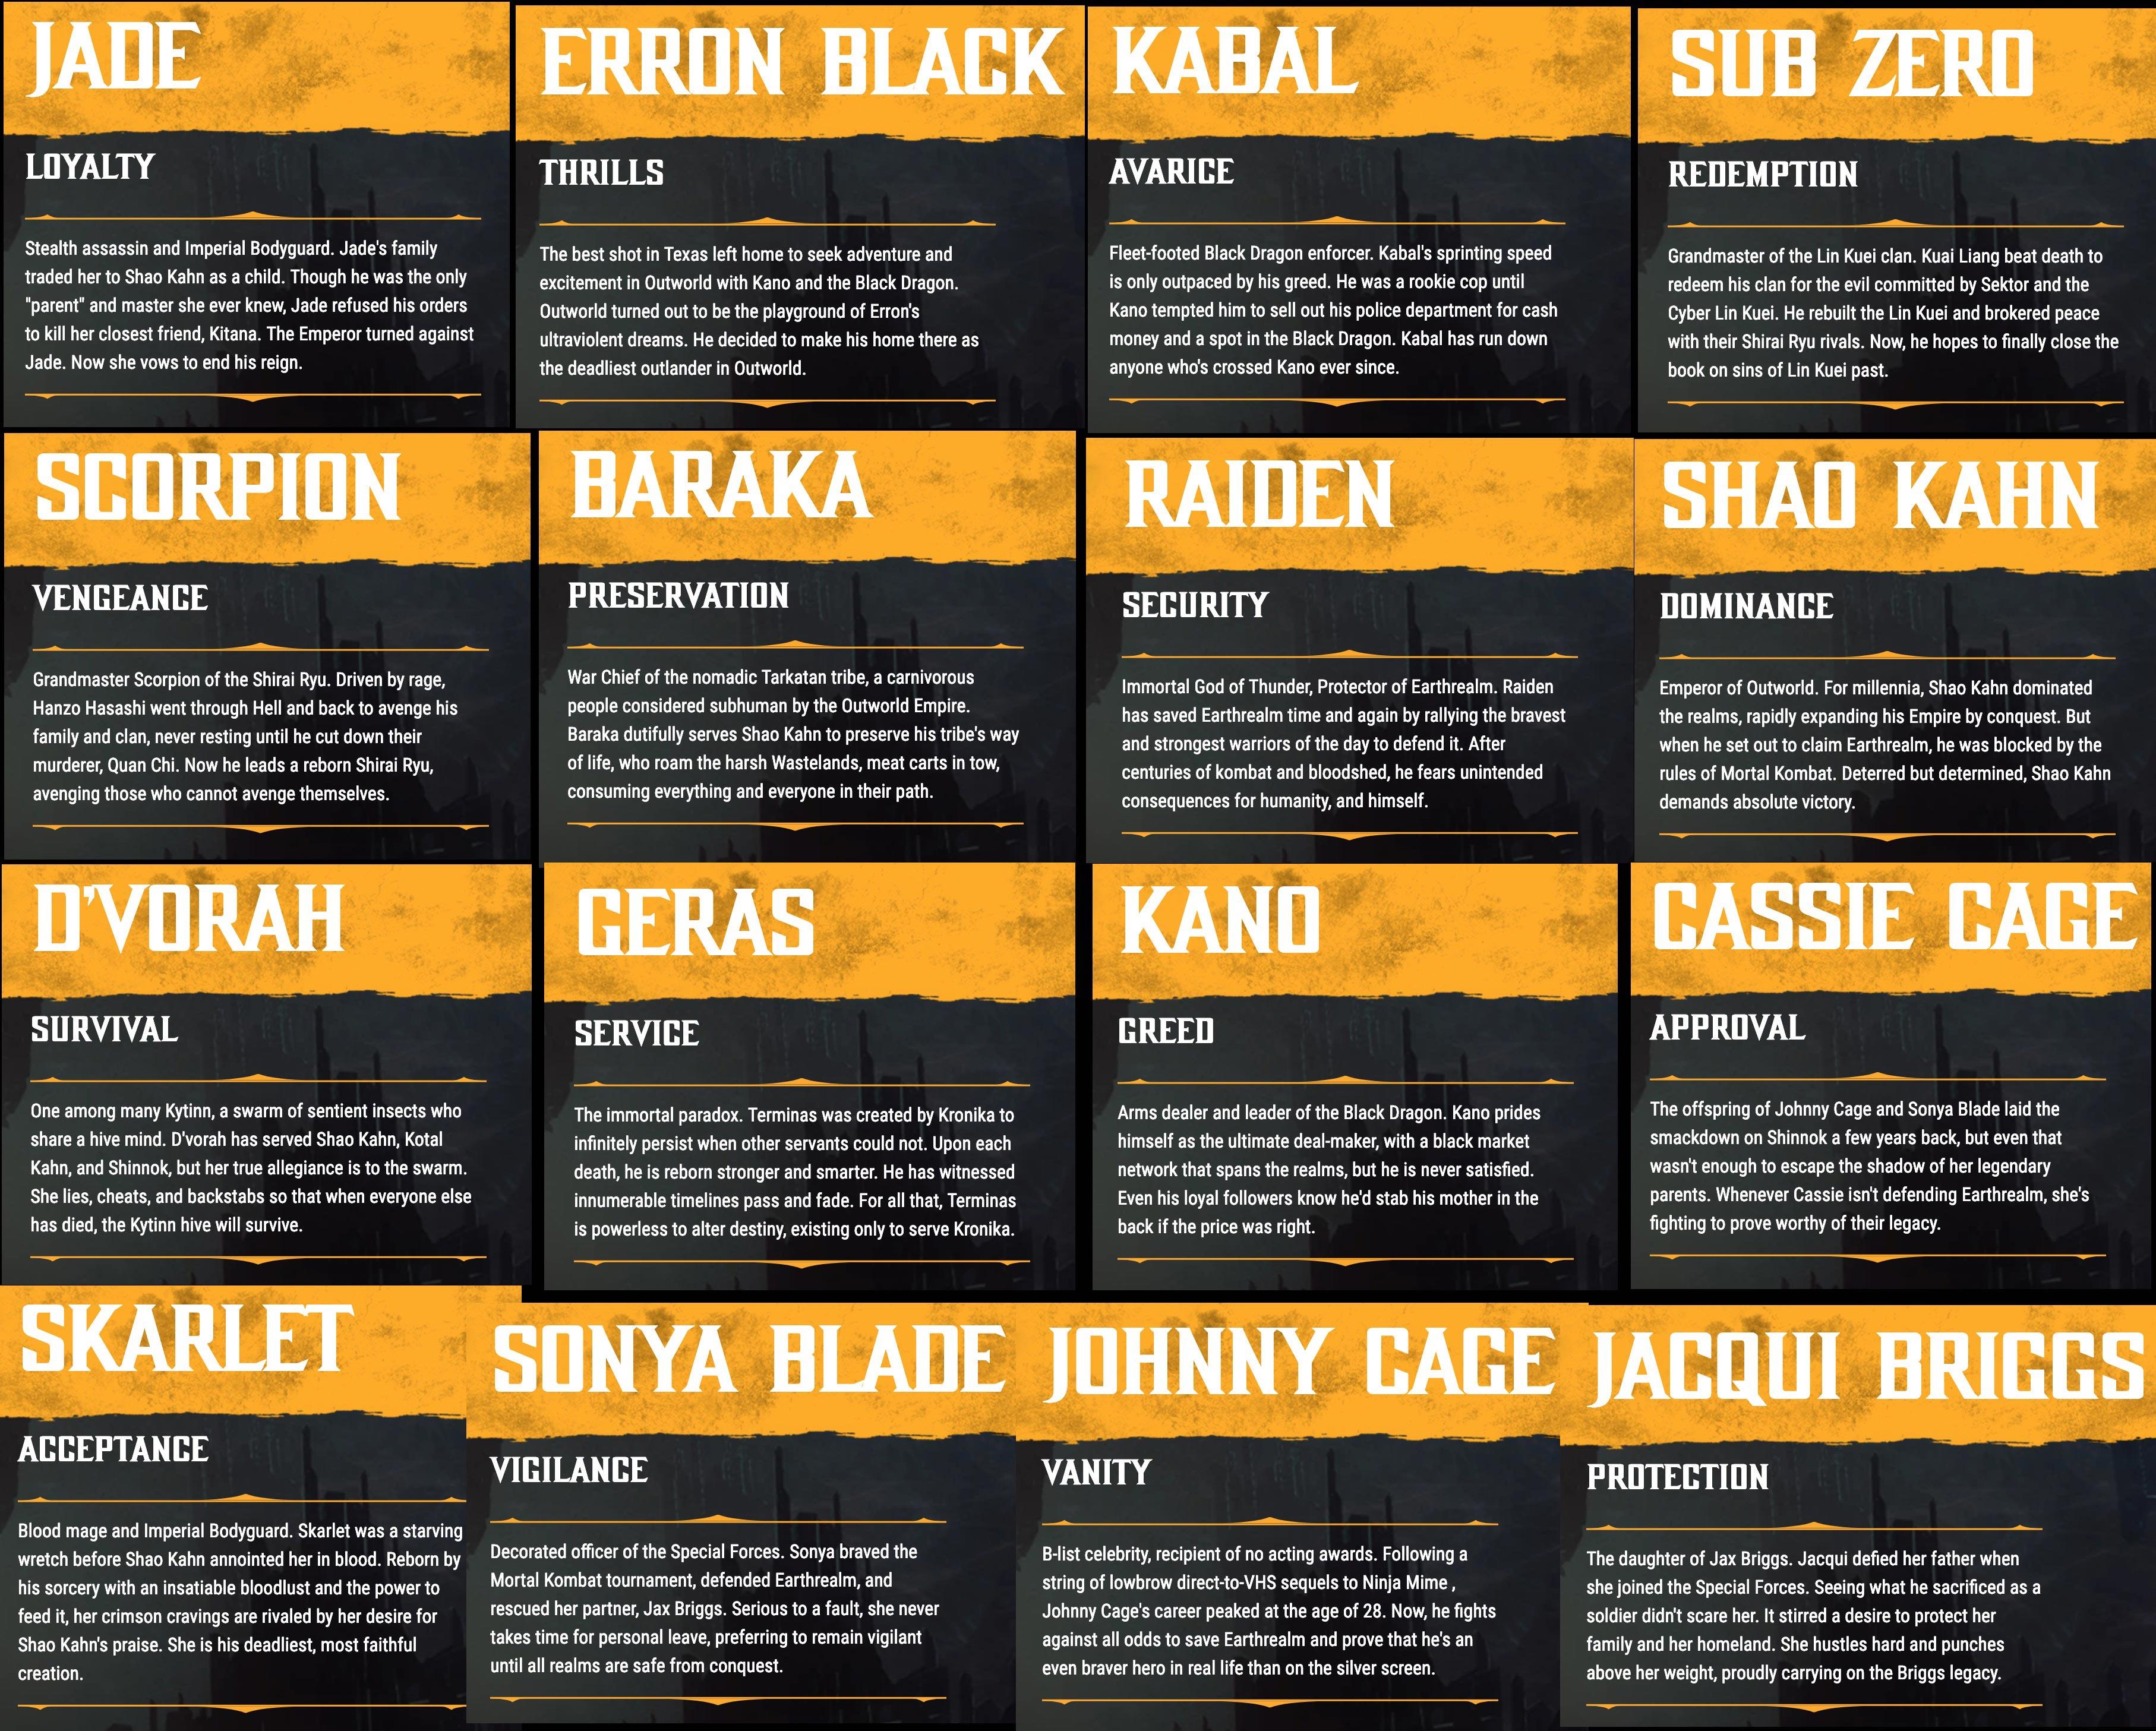 Биографии персонажей - Mortal Kombat 11